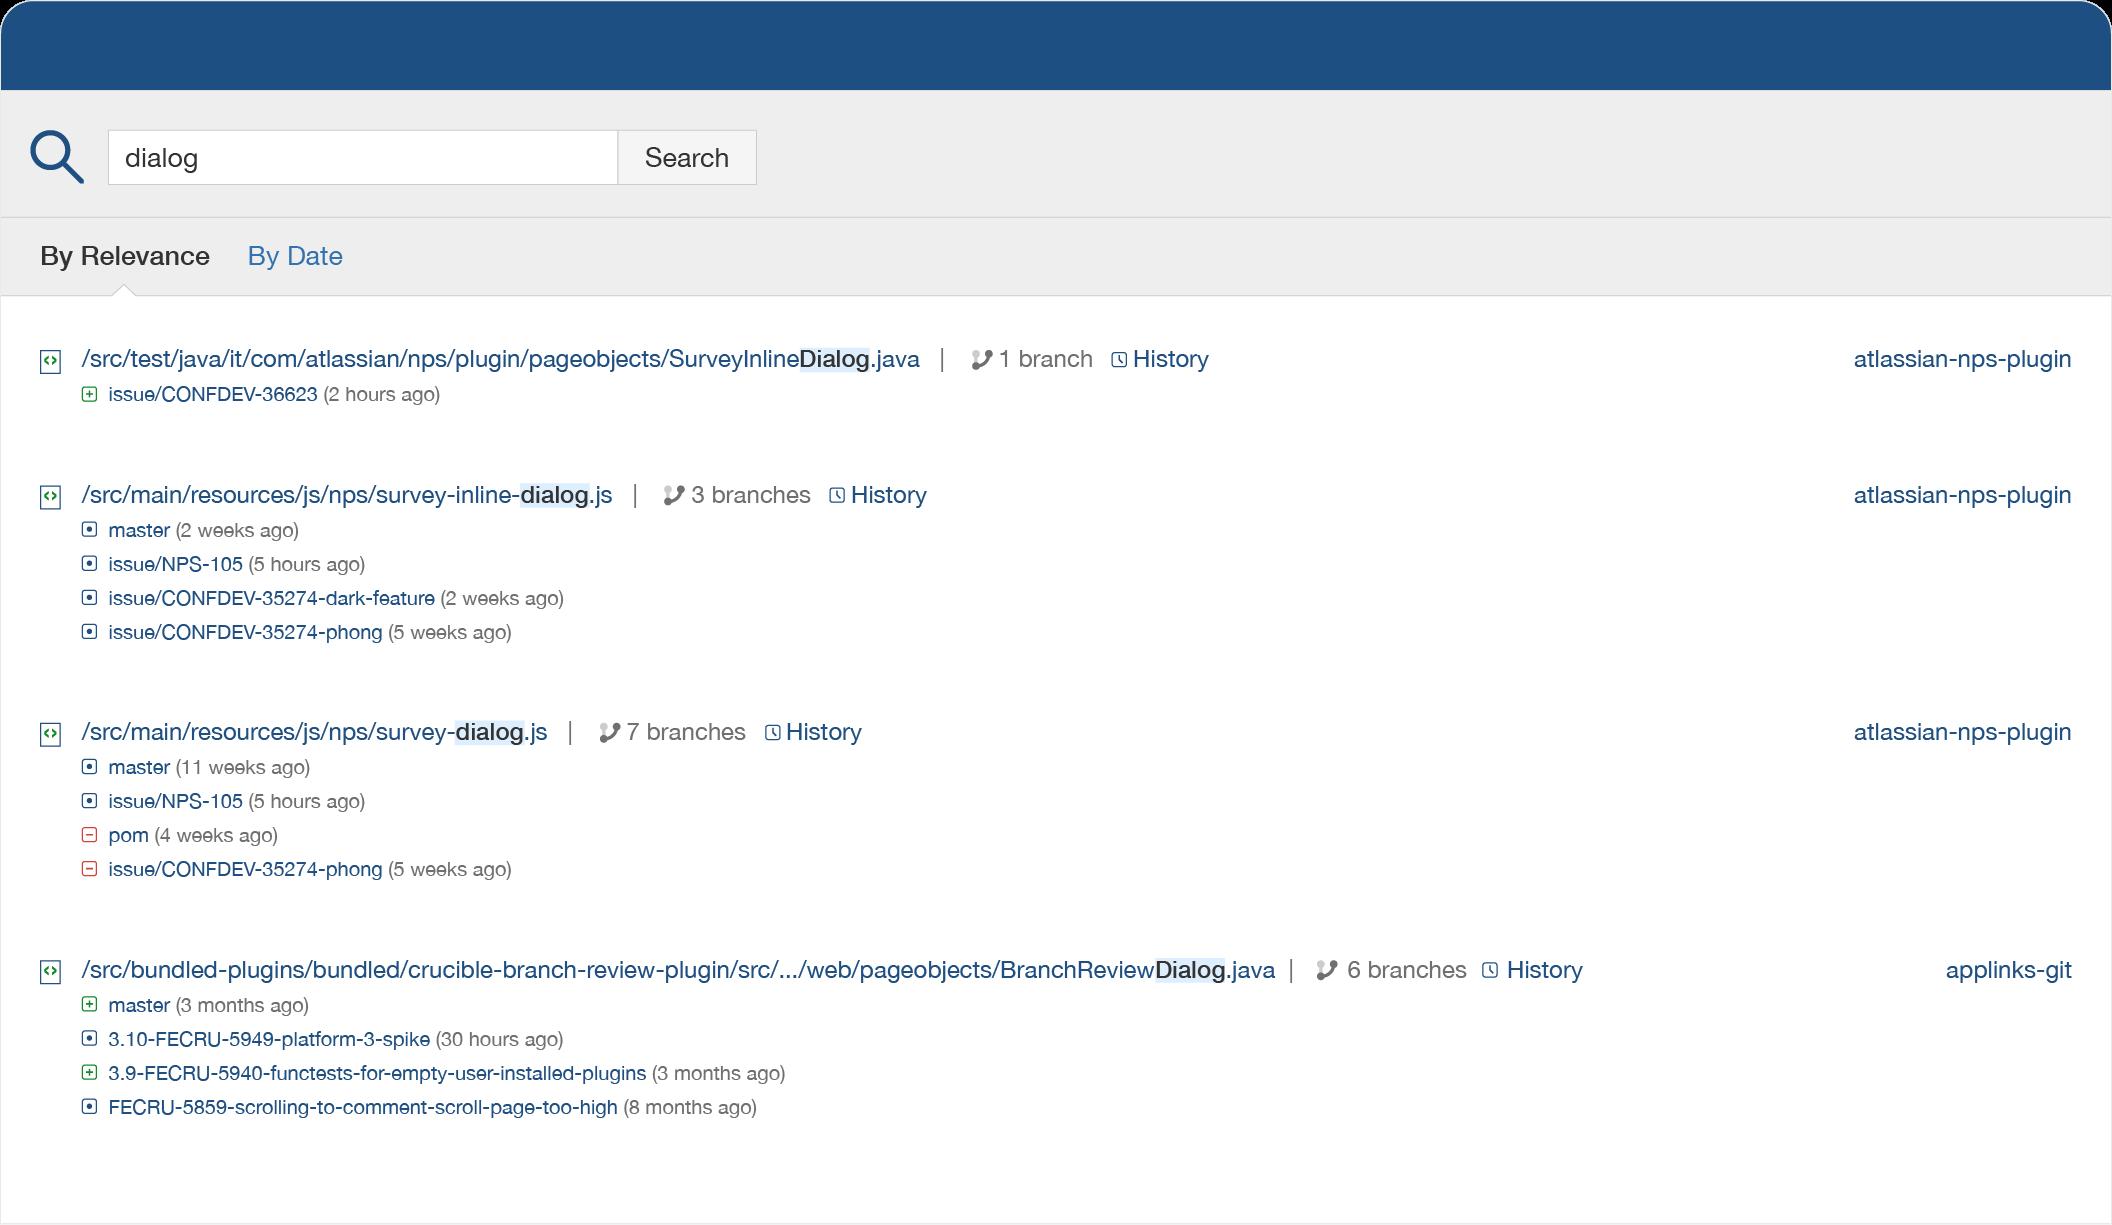 imagen de búsqueda de código